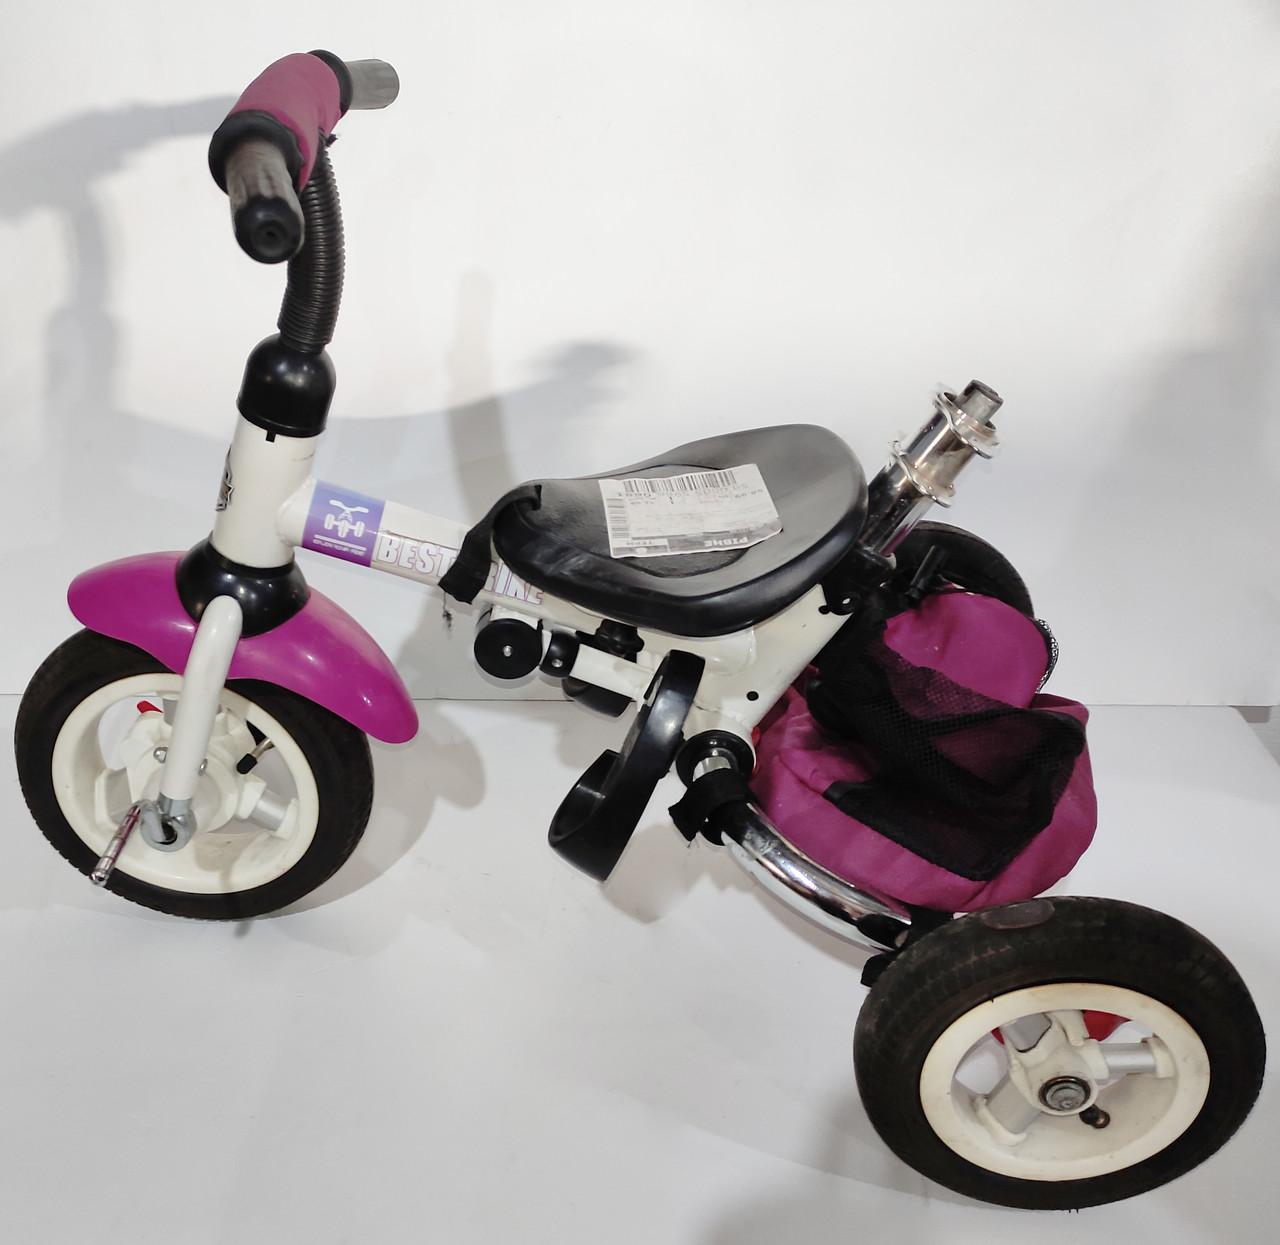 Б/У Велосипед трехколесный Best Trike фиолетовый, без родительской ручки и без защитного тента